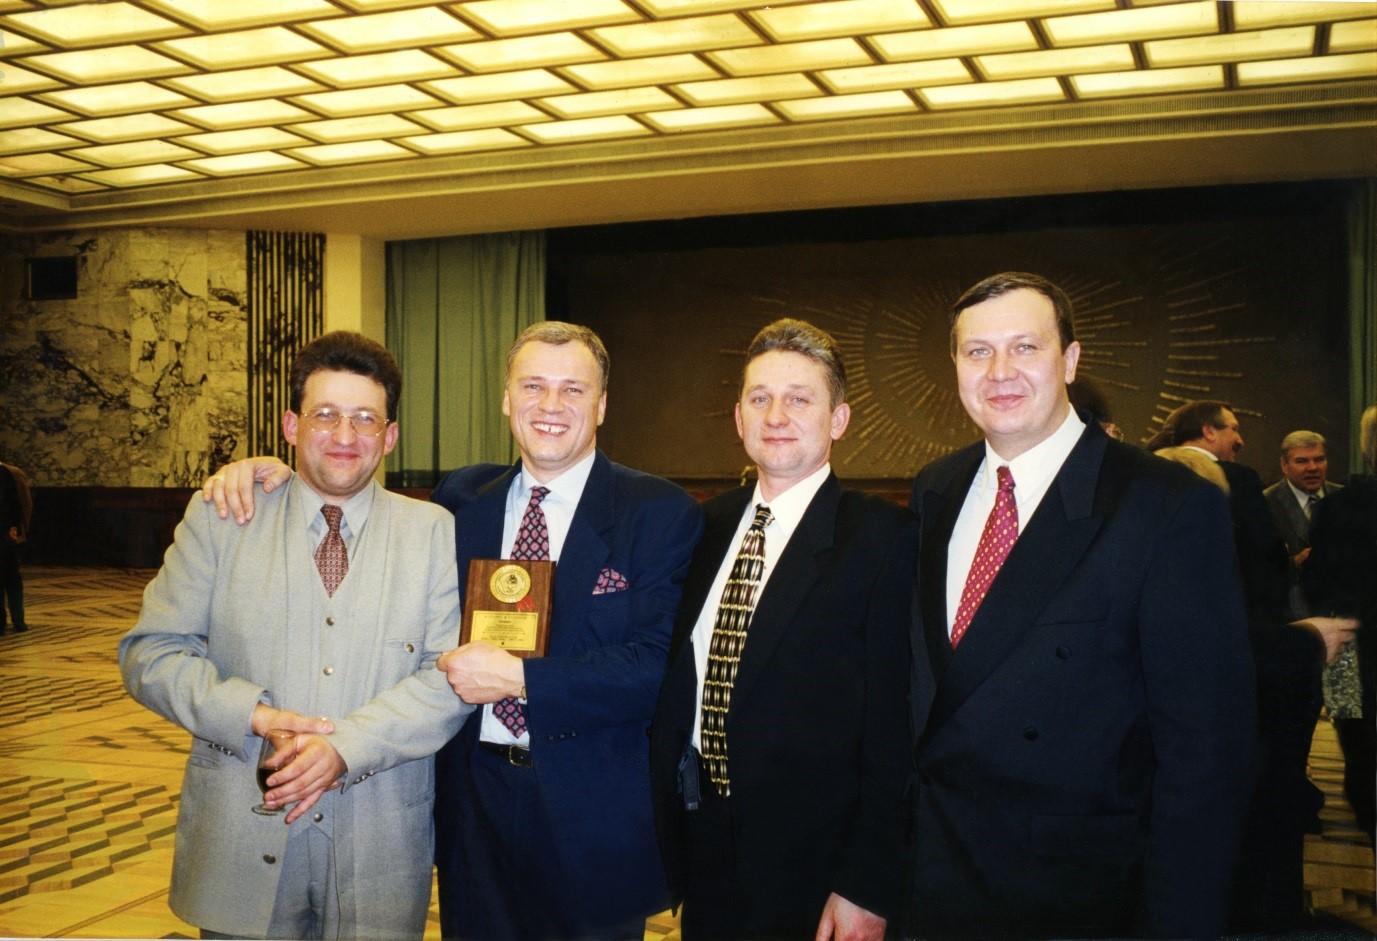 Złoty medal podczas V edycji targów interCHARM firmie Chantal